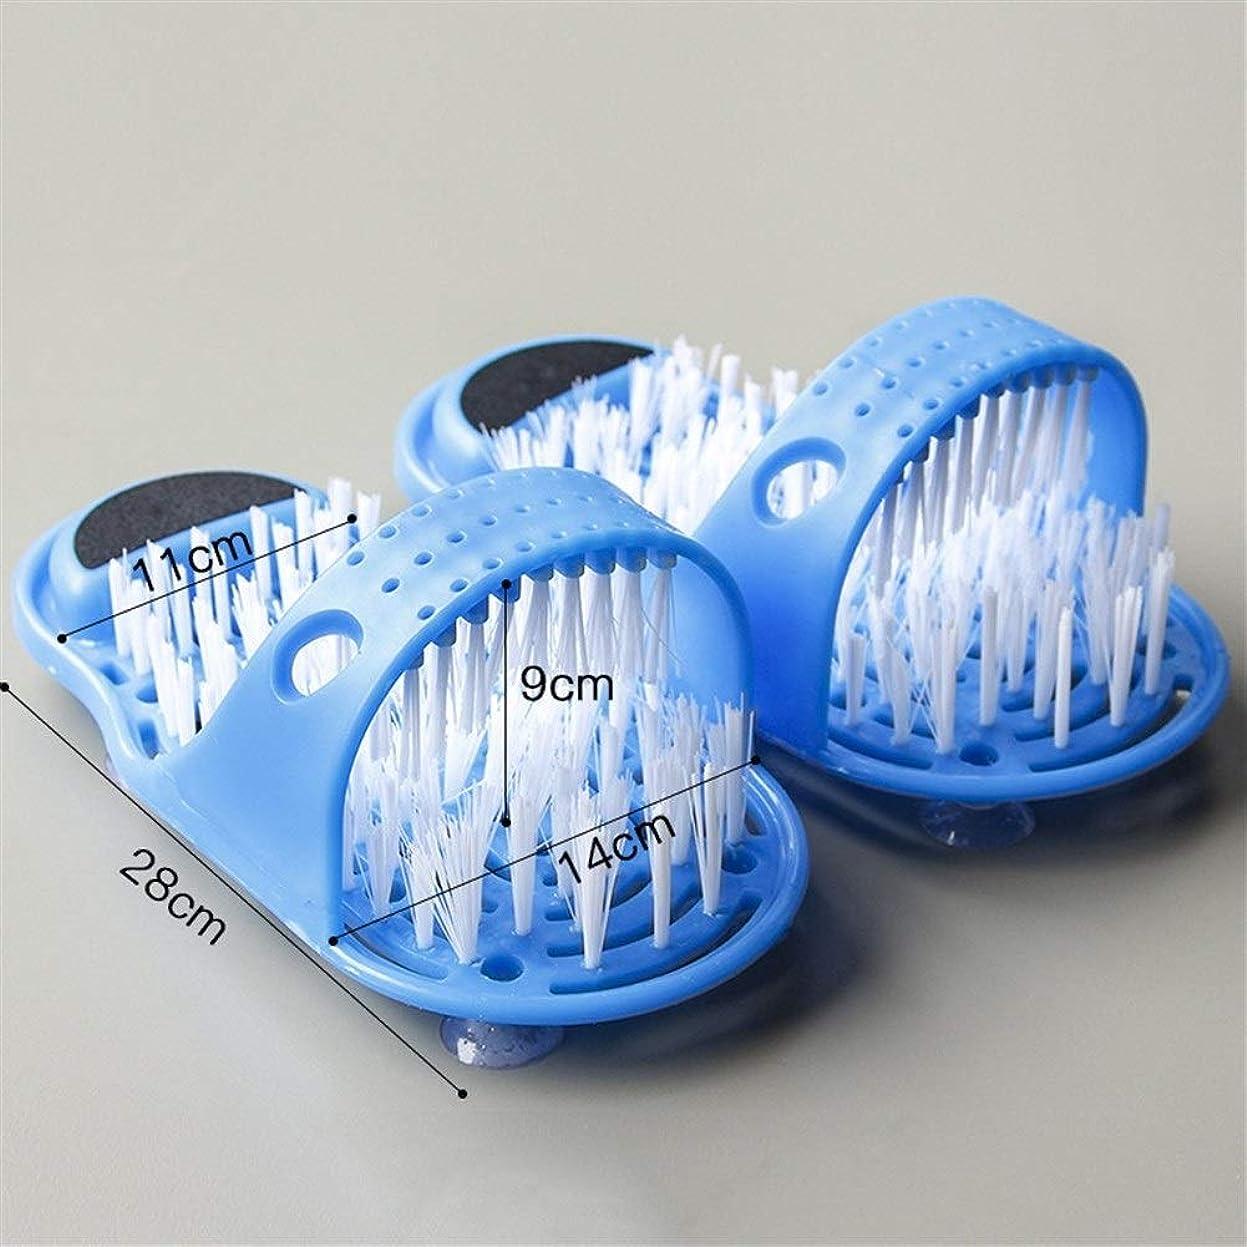 堀ウサギ現実的足の靴のシャワーのブラシのマッサージャーのスリッパの足の軽石のフィートのスクラバーのブラシのための浴靴のブラシ